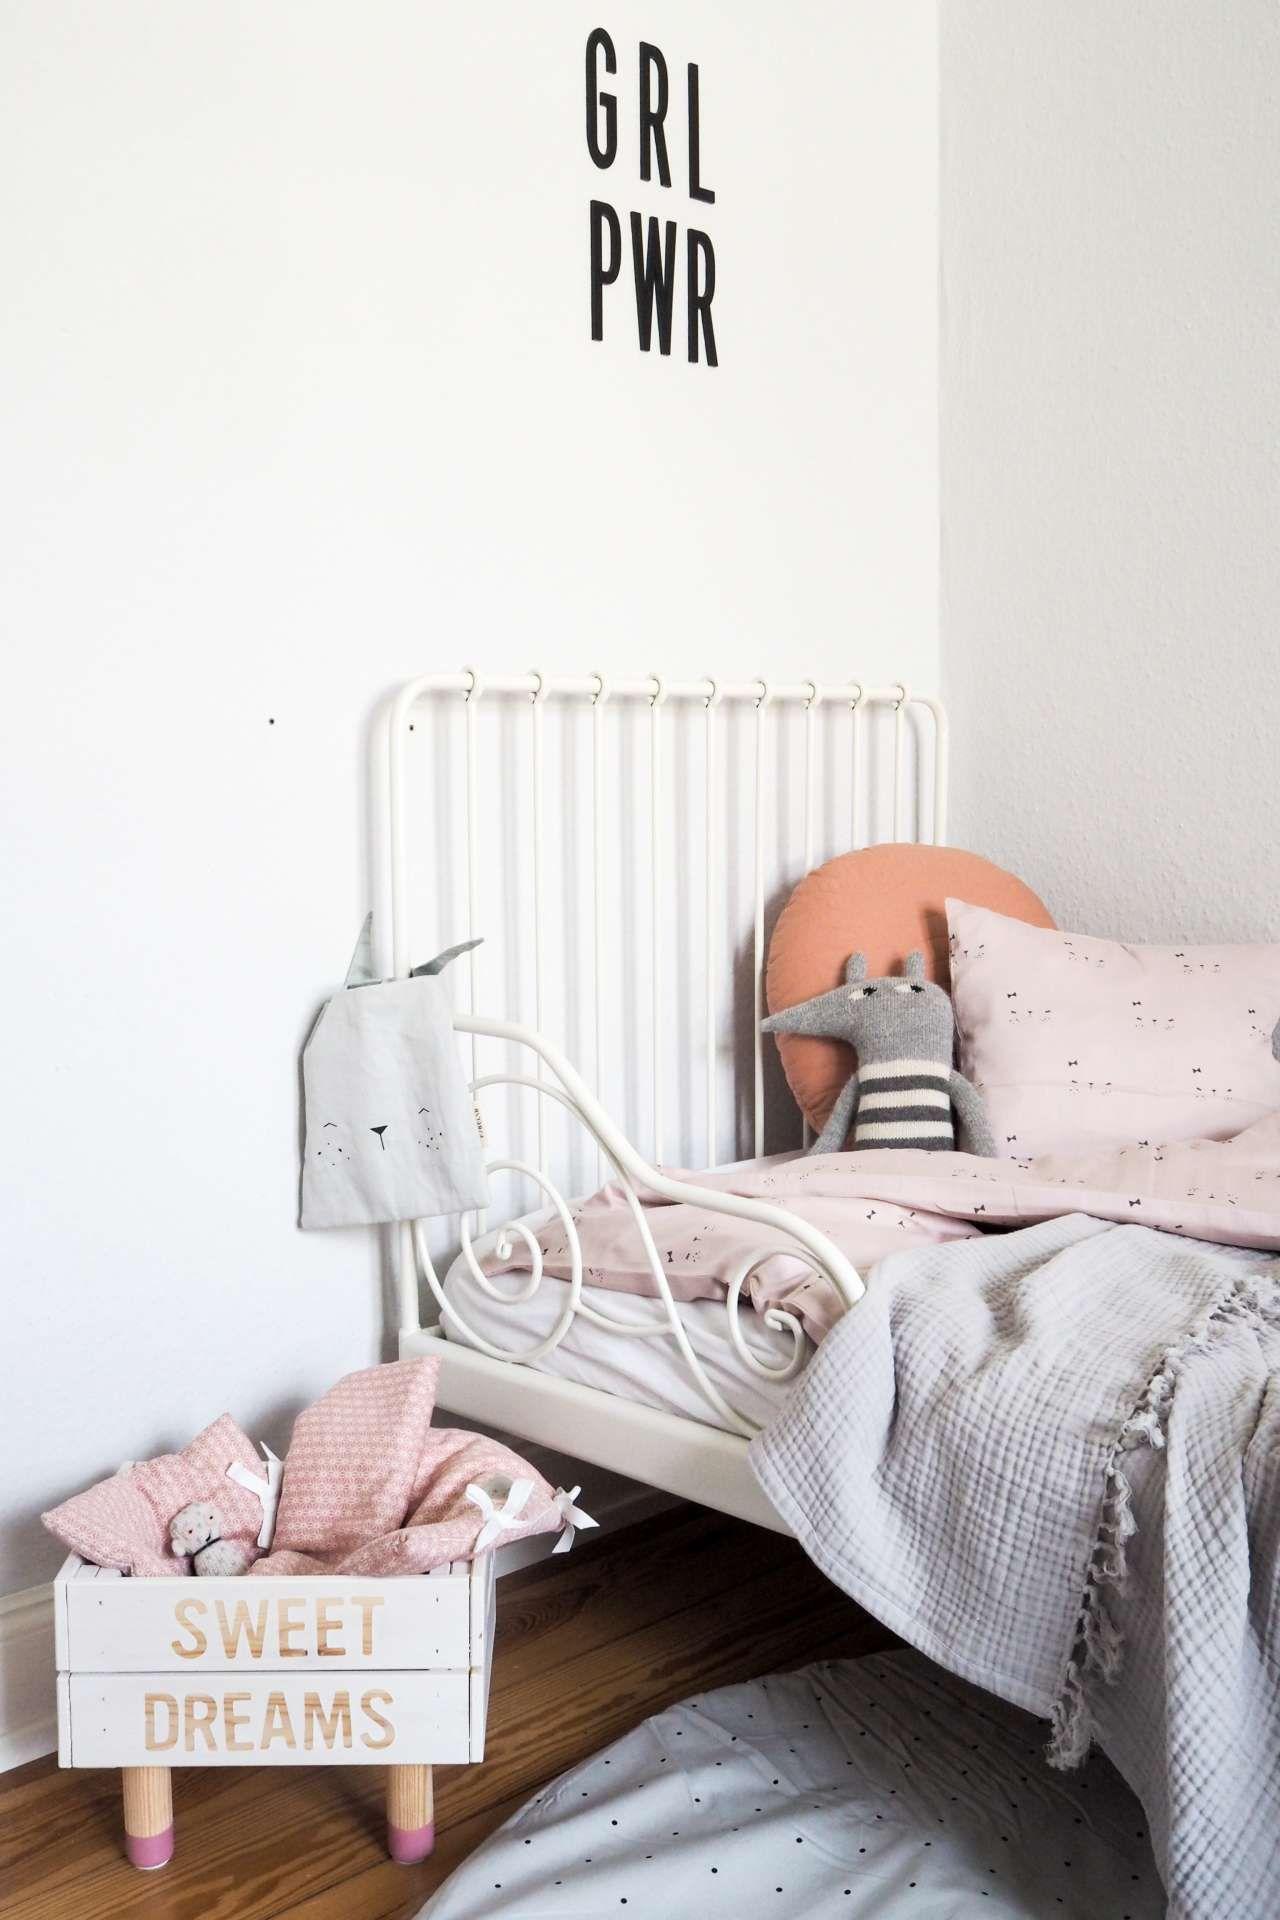 Himmlische Nächte Mit Den Schönsten Kinderzimmer Accessoires Von Kyddo Und  Einem Super Einfachen DIY Puppenbett